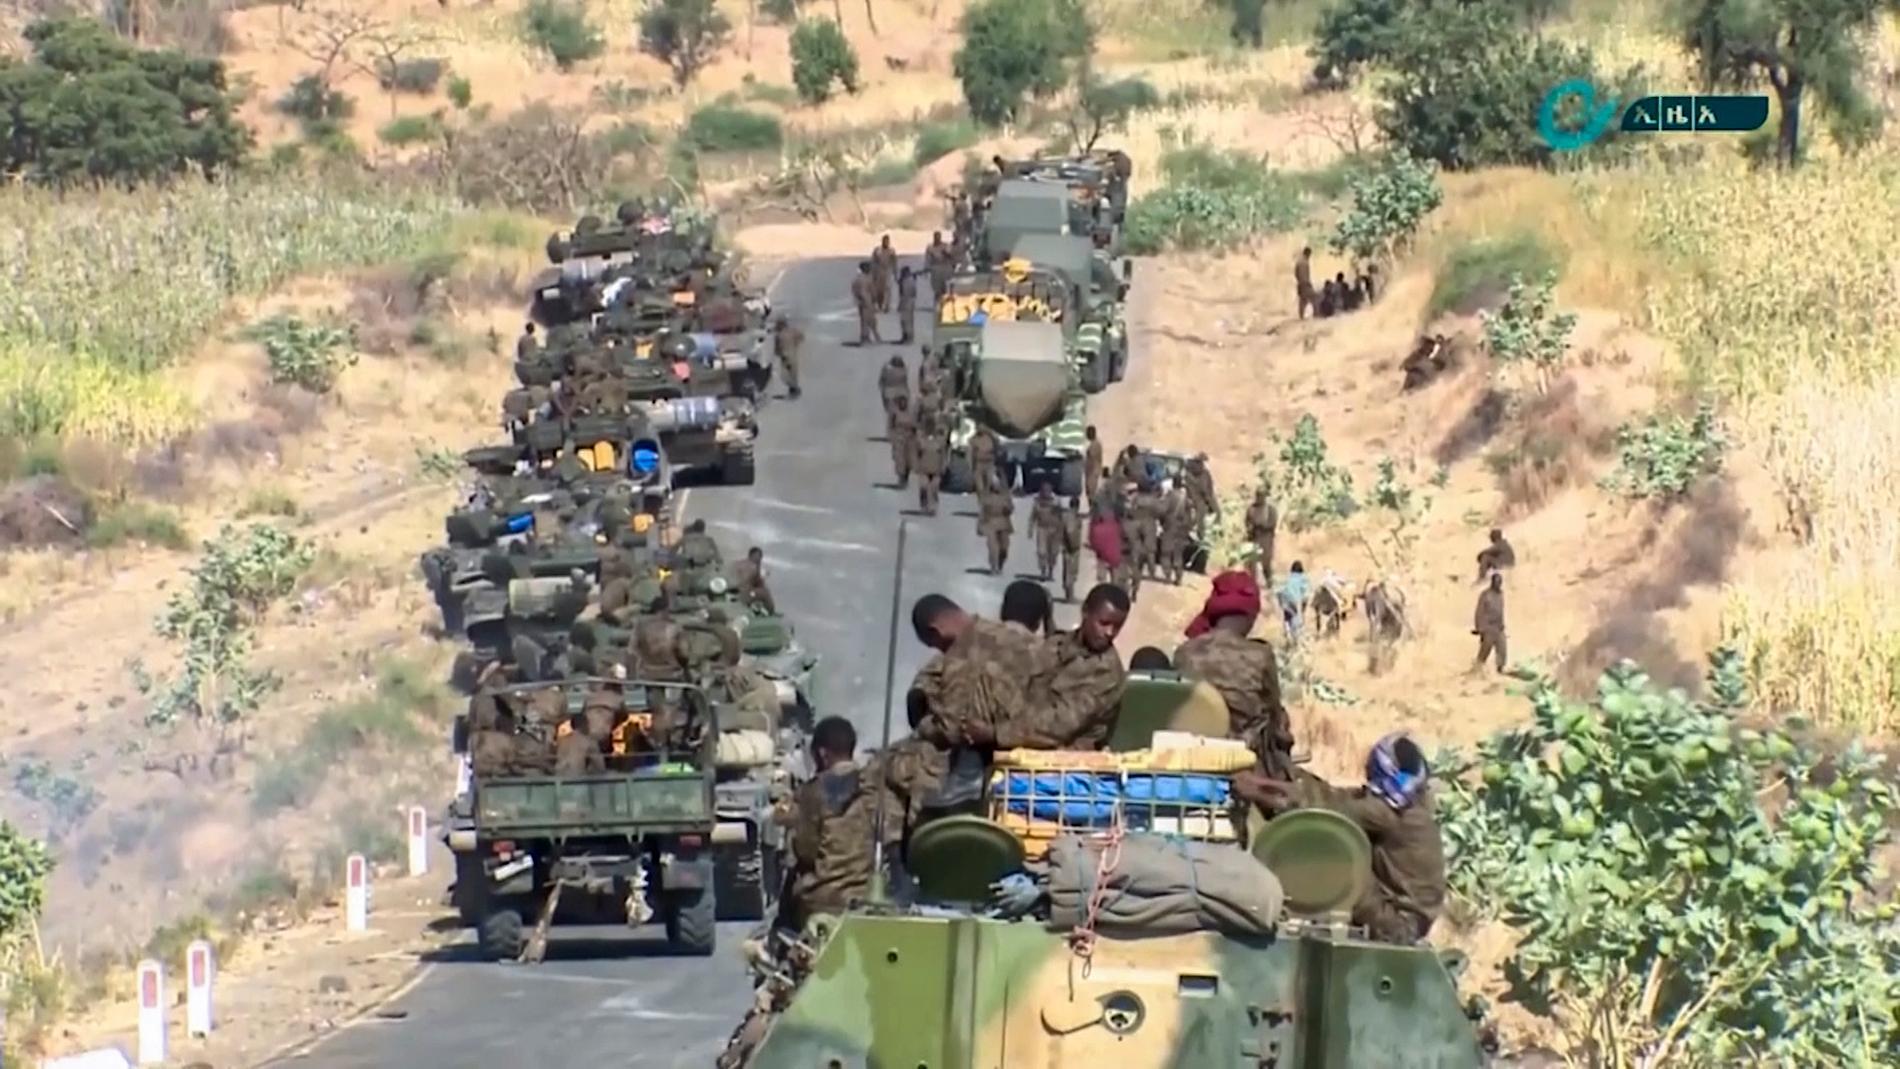 Denna bild, som distribuerats av Etiopiens statliga nyhetsbyrå, visar federala styrkor som förflyttar sig vid gränsen mellan regionerna Amhara och Tigray tidigare i veckan.